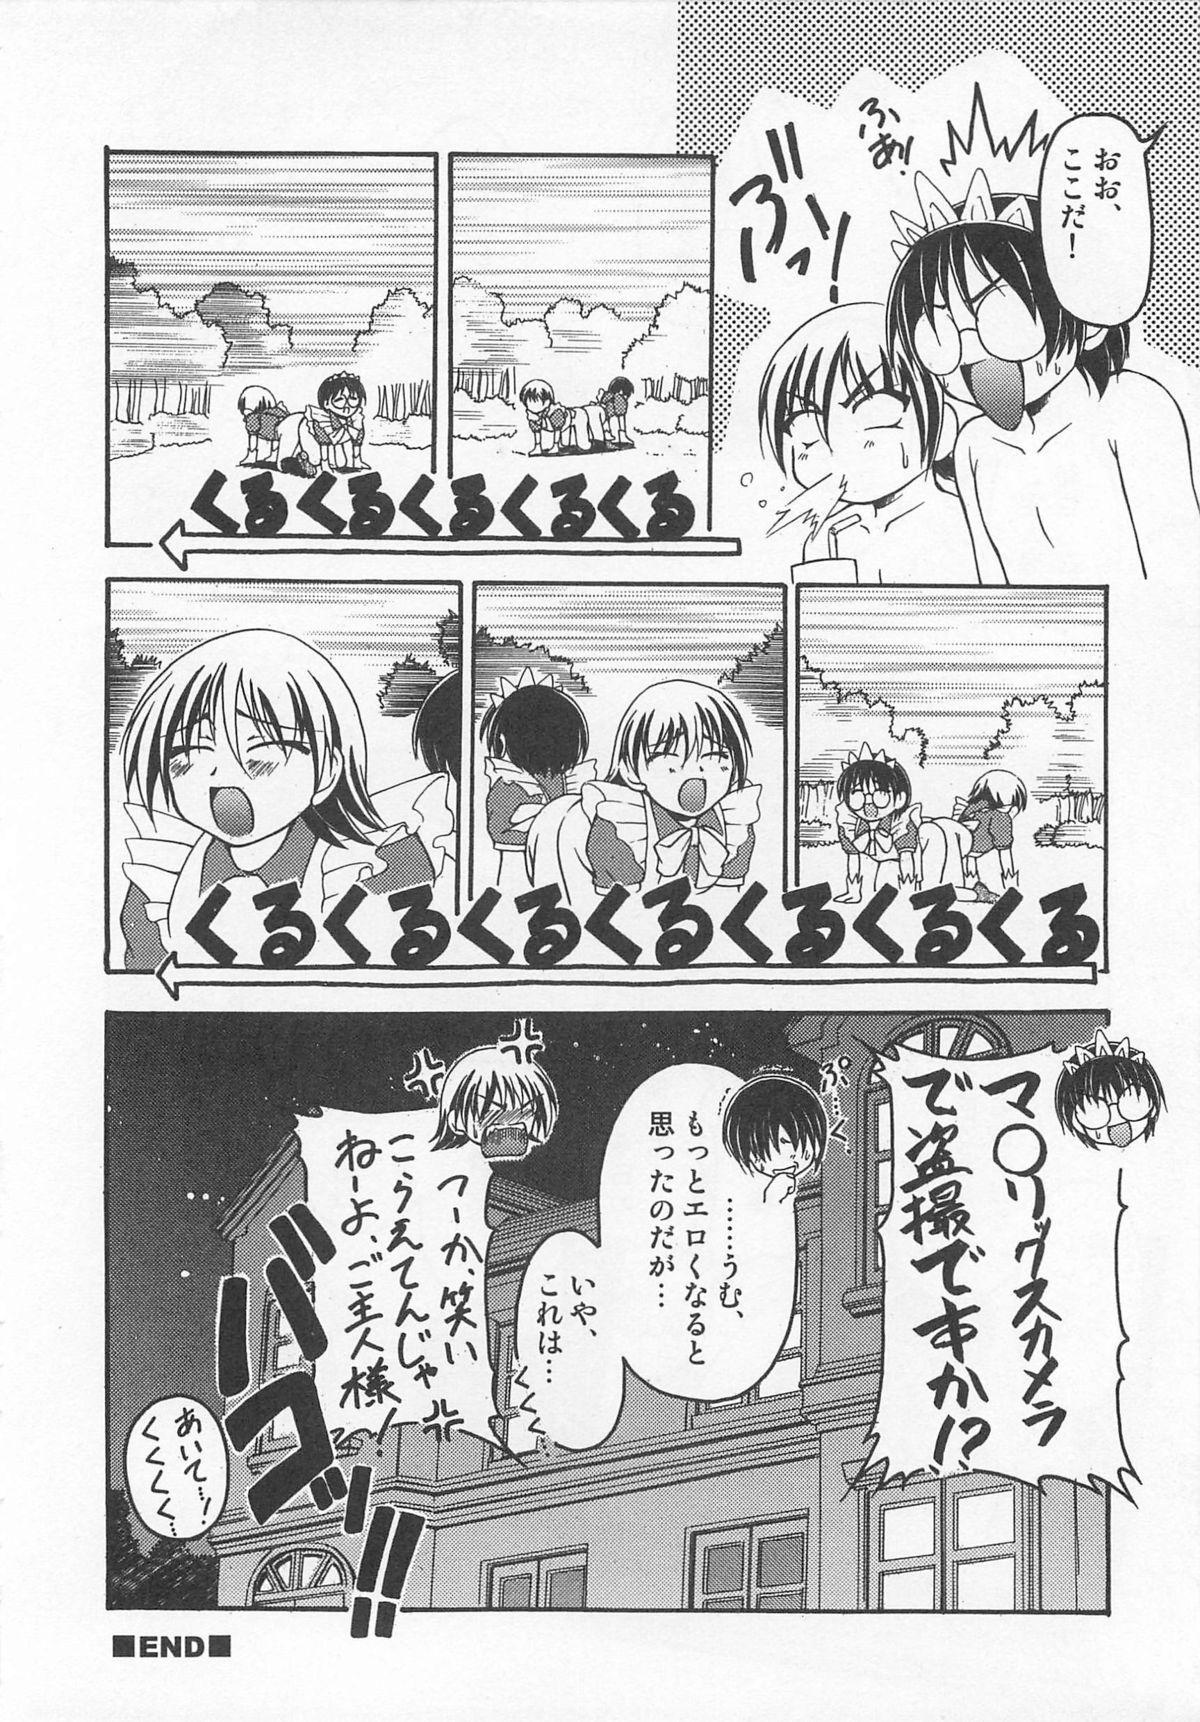 Otokonoko HEAVEN Vol. 01 Meganekko 68